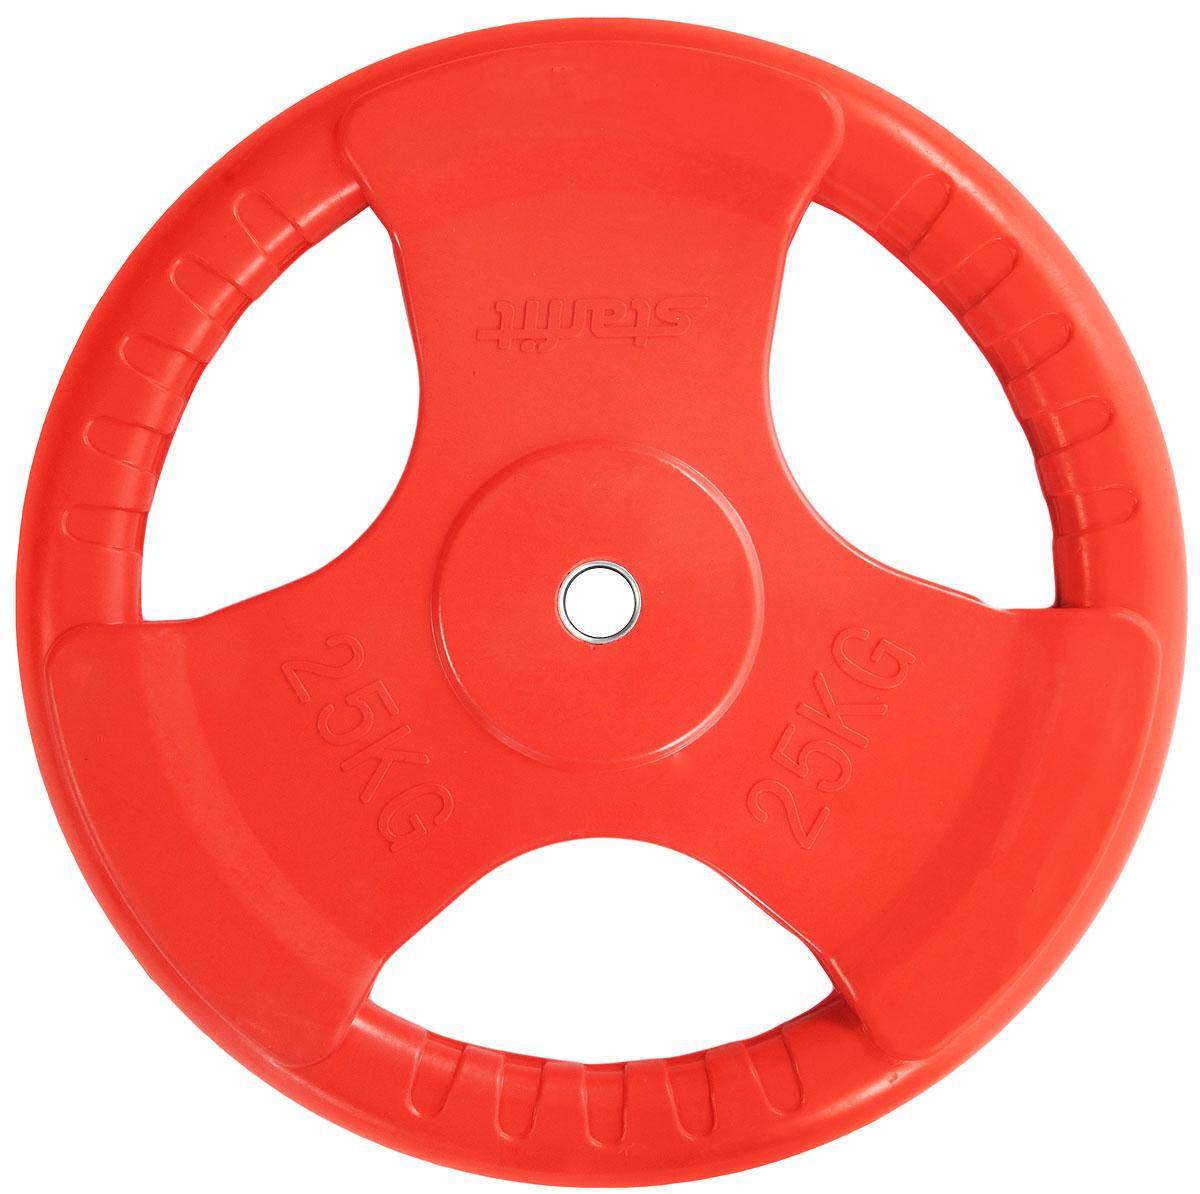 Диск обрезиненный Starfit BB-201, цвет: красный, посадочный диаметр 26 мм, 25 кгУТ-00007167Цветной обрезиненный диск Starfit BB-201 предназначен для грифов диаметром 26 мм. Диск оснащен металлической втулкой и 3 удобными ручками для загрузки и снятия диска со штанги. Благодаря специальной форме диск можно удобно брать за ручки. Высокое качество обеспечивает безопасность занятий спортом. Для домашних условий чаще всего применяются обрезиненные диски со специальным покрытием, которые не царапают пол и не гремят, привлекая излишнее внимание соседей. При покупке дисков обязательно обращайте внимание на допустимый вес, который может выдержать гриф.